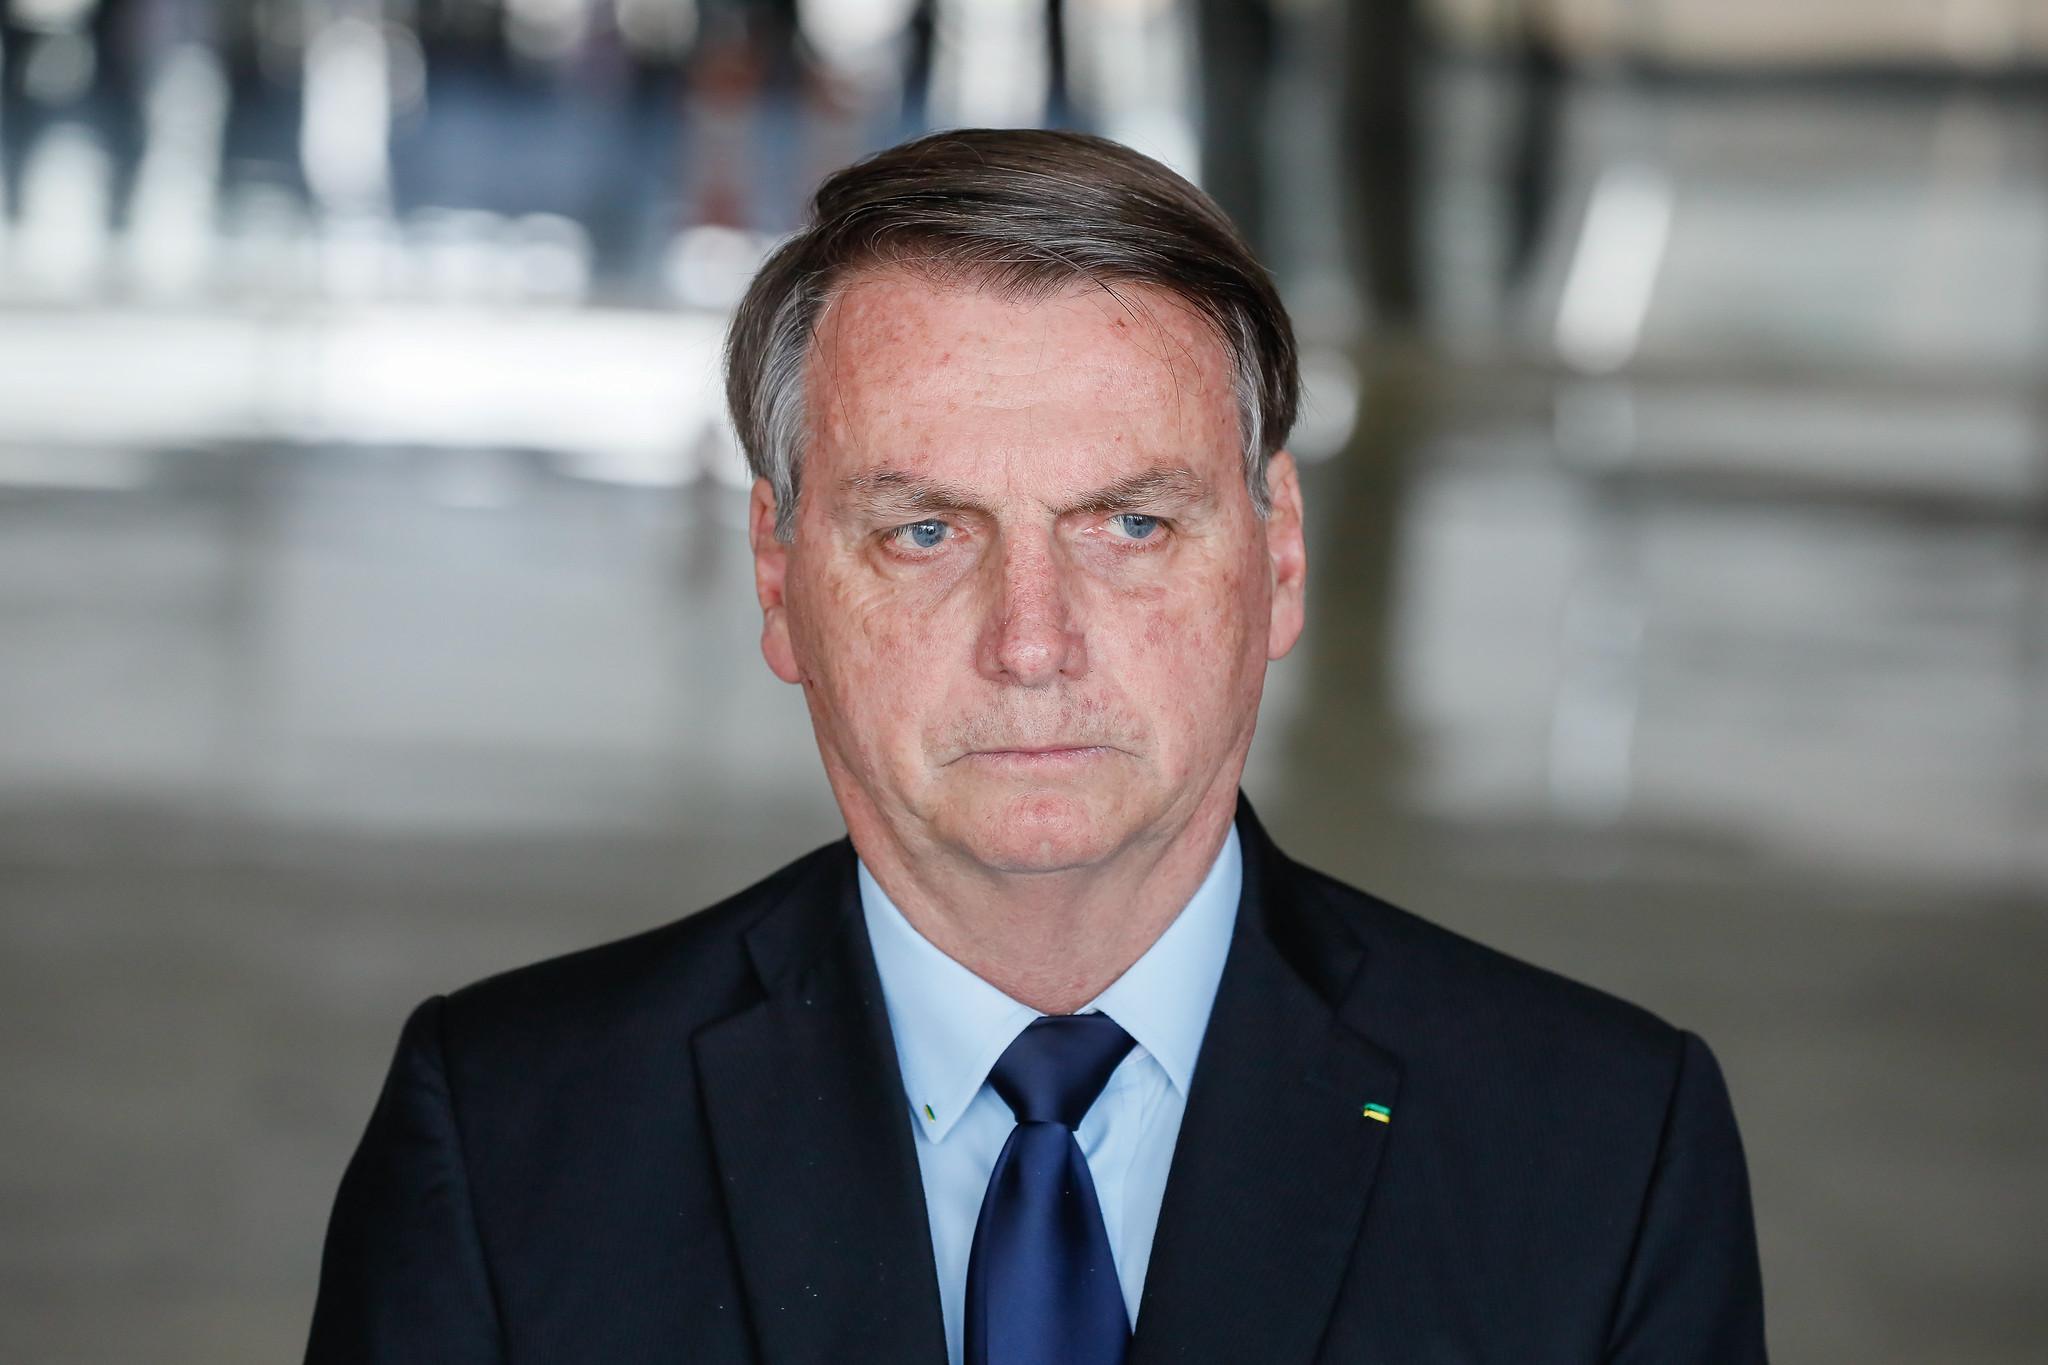 Militares expressam crescente desconforto com governo Bolsonaro thumbnail